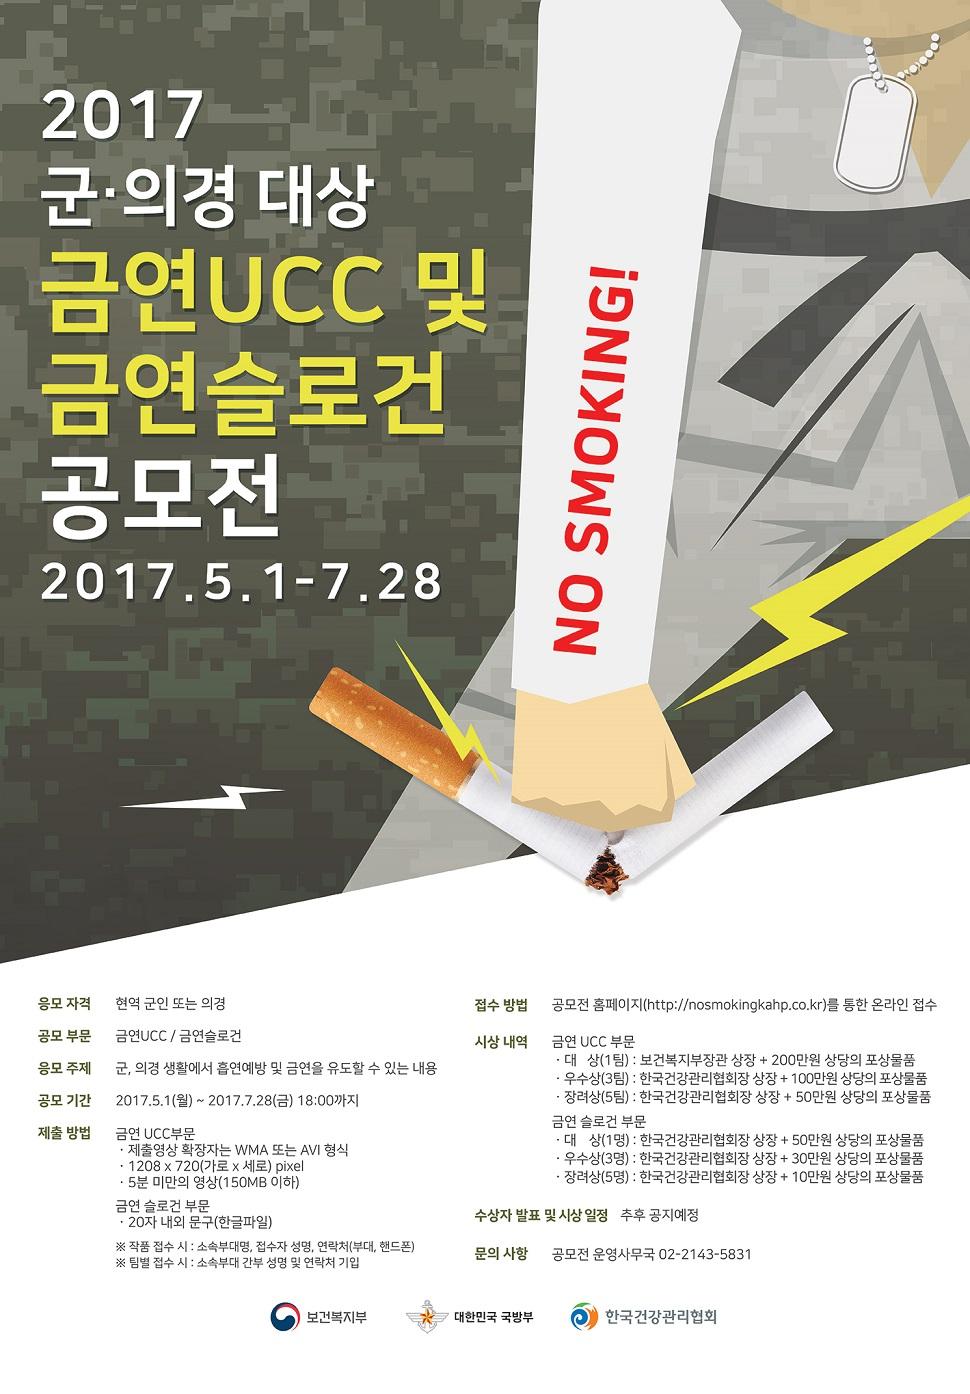 '2017 군∙의경 대상 금연 UCC 및 금연슬로건 공모전' 공식 포스터 (사진제공: 한국건강관리협회)